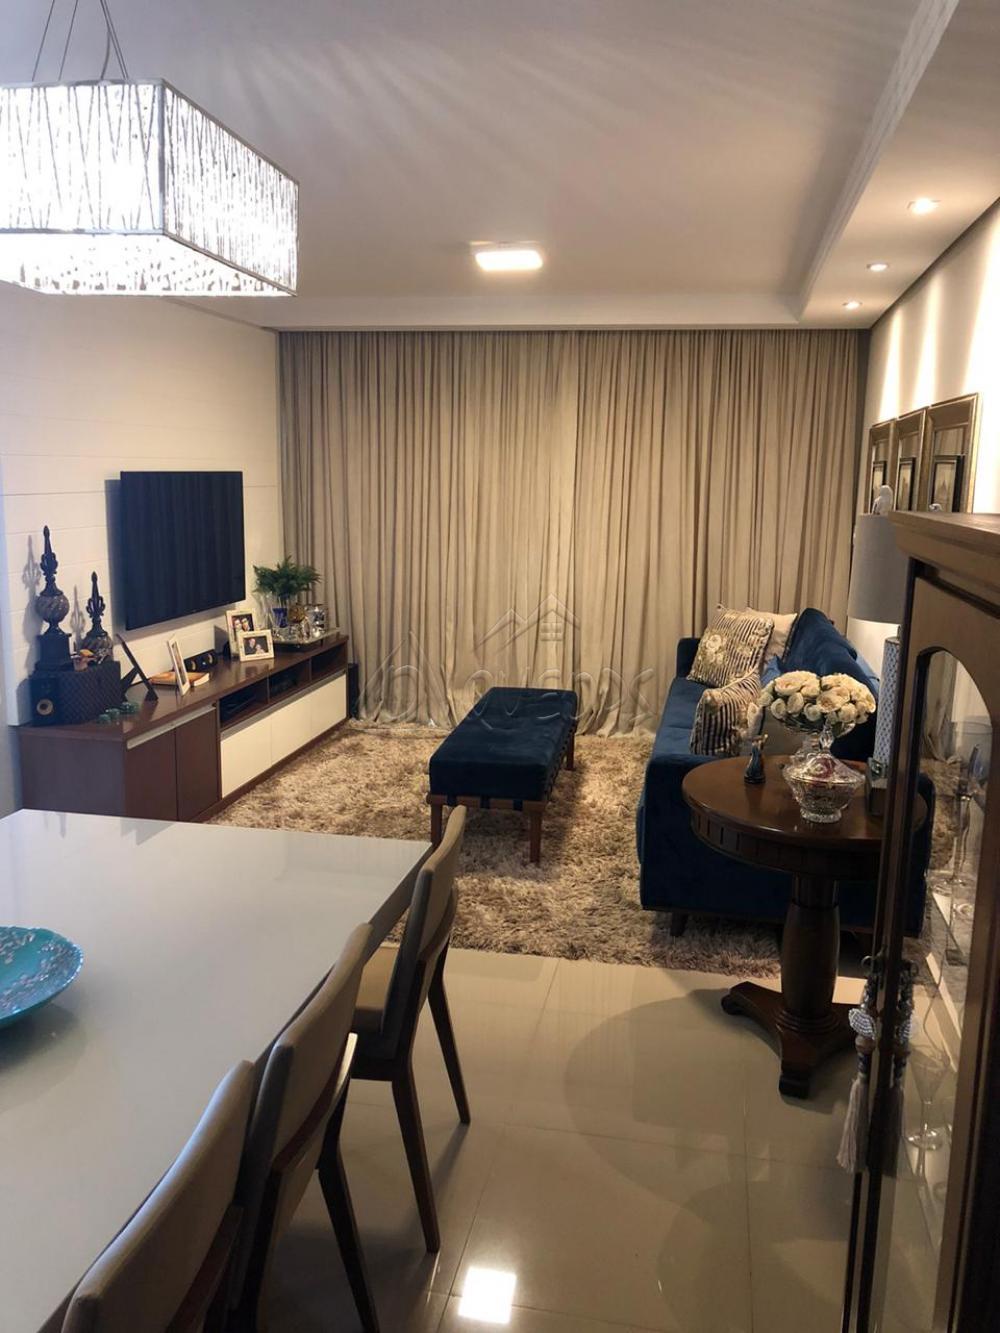 Comprar Apartamento / Padrão em Barretos apenas R$ 700.000,00 - Foto 13